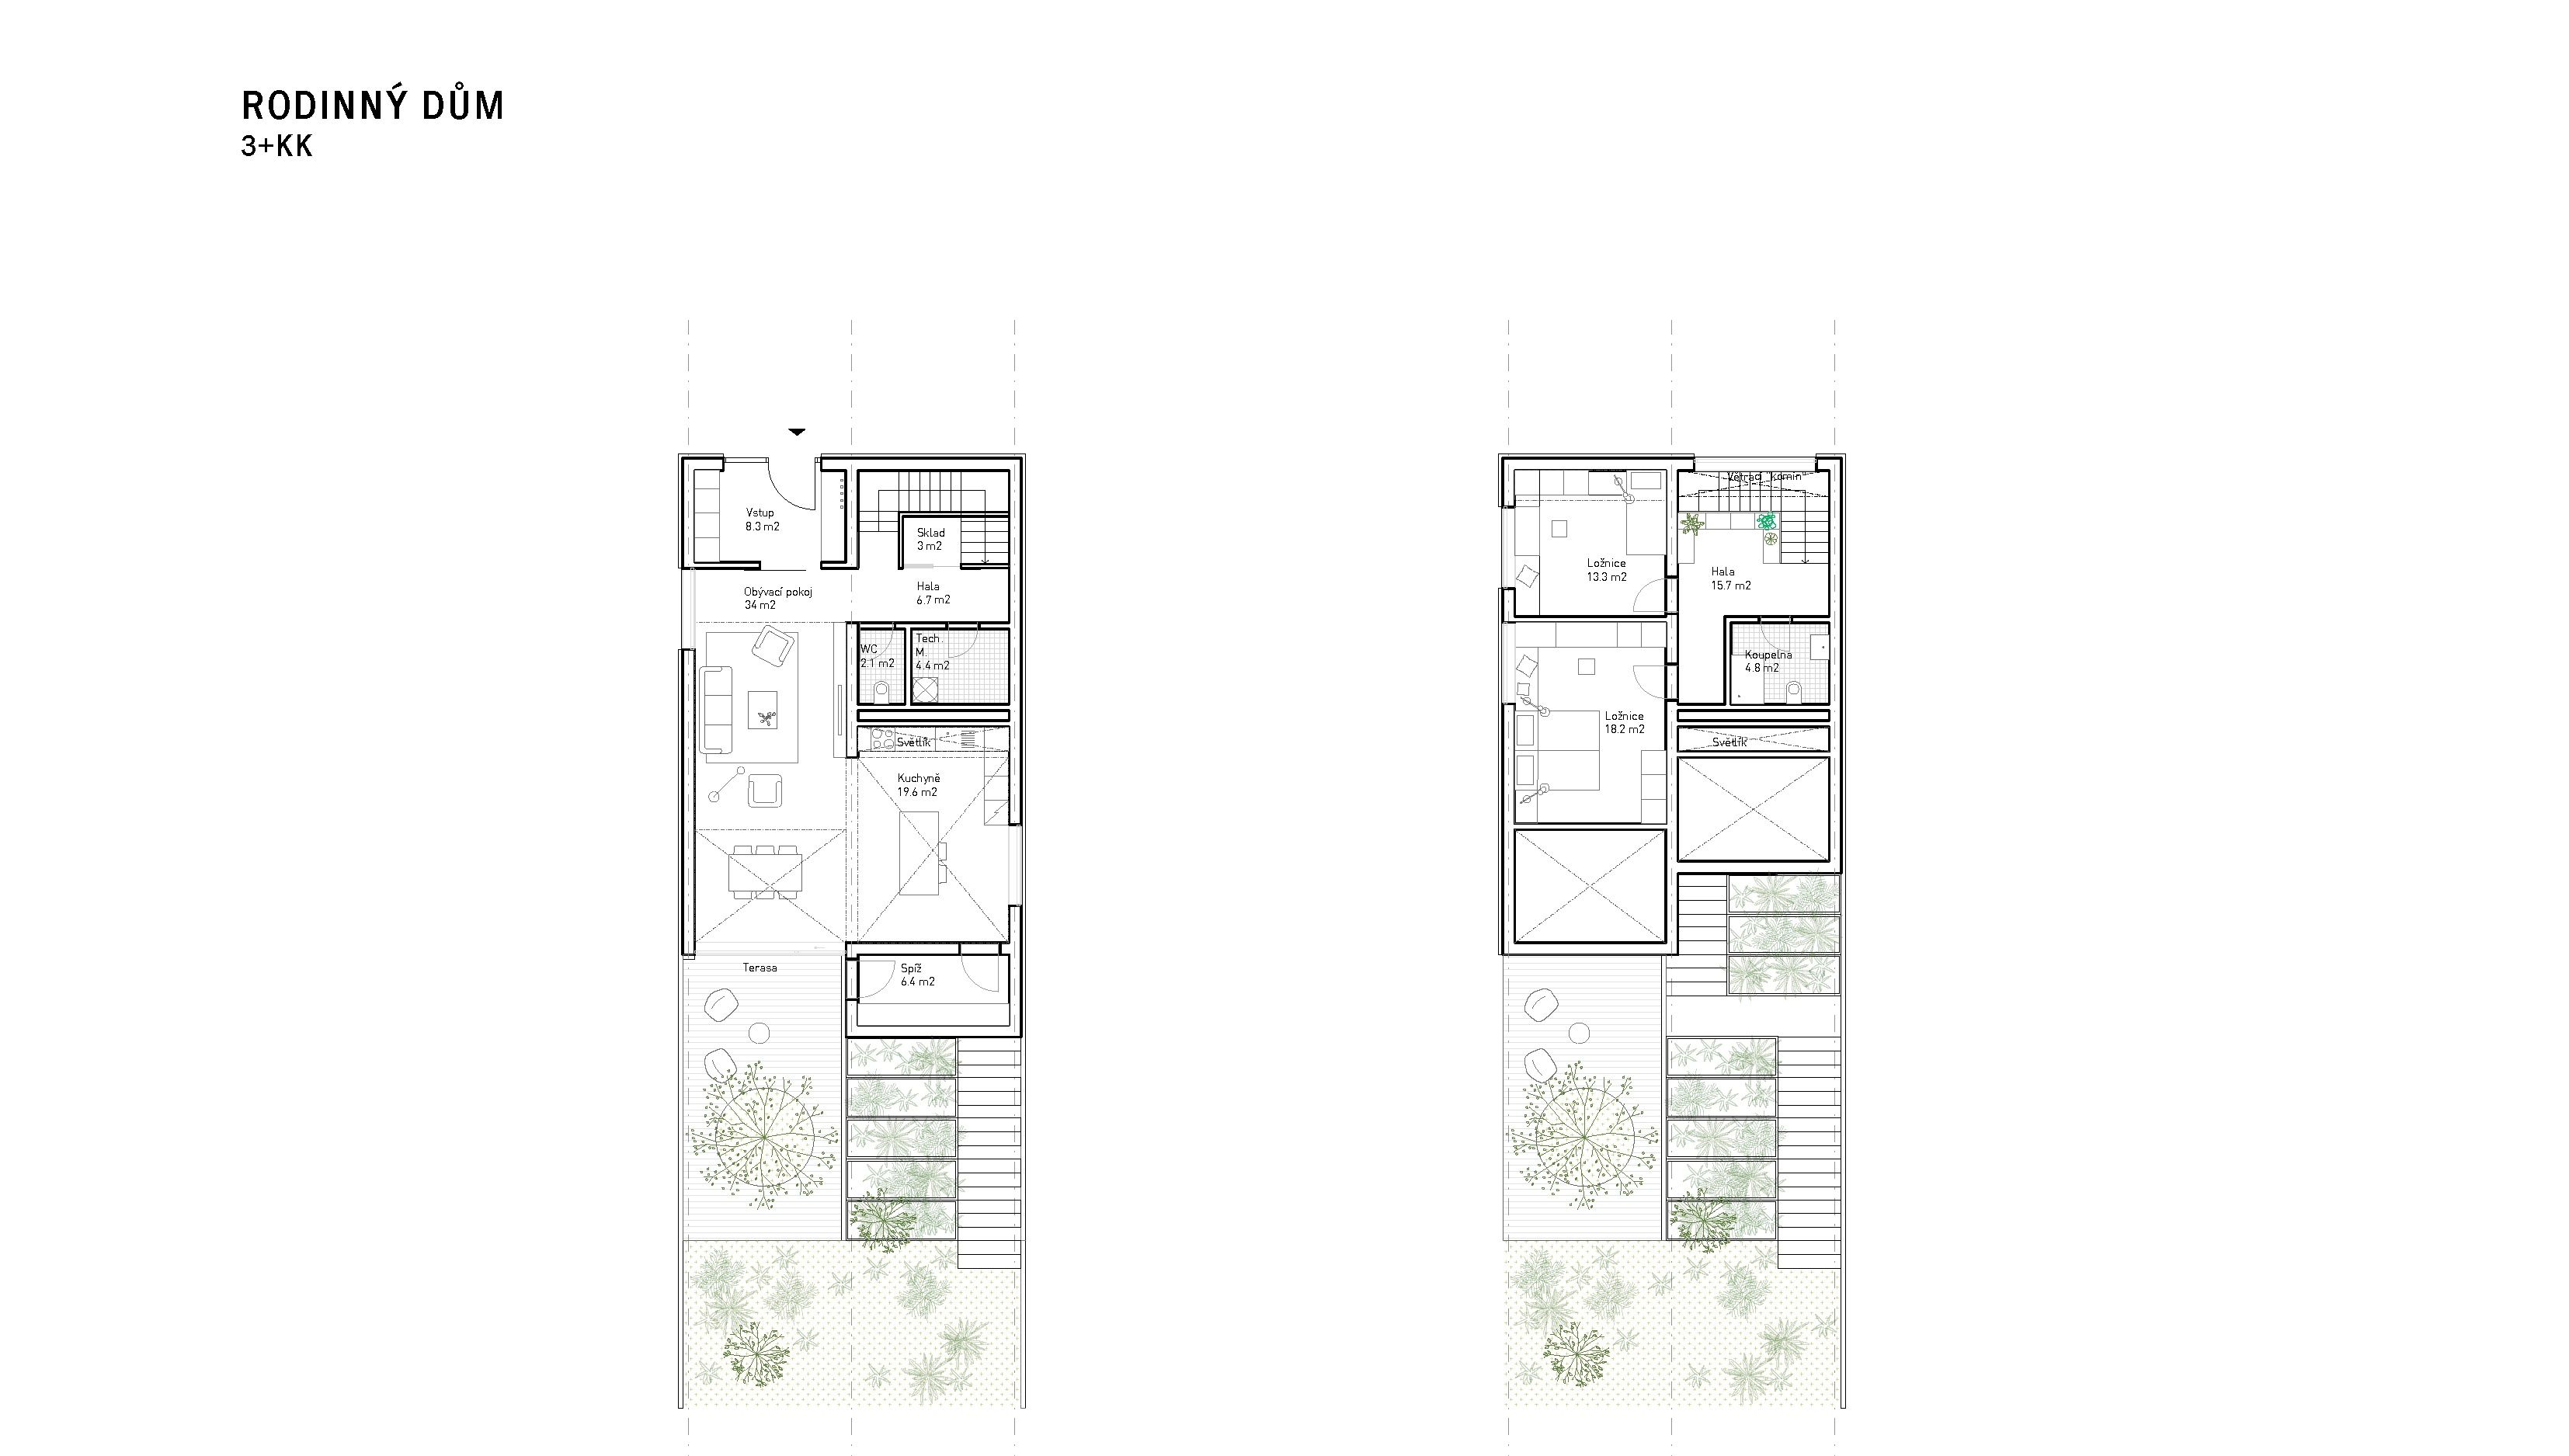 layout_case_0004_200605_Zdrave-domy_chkau_Page_54